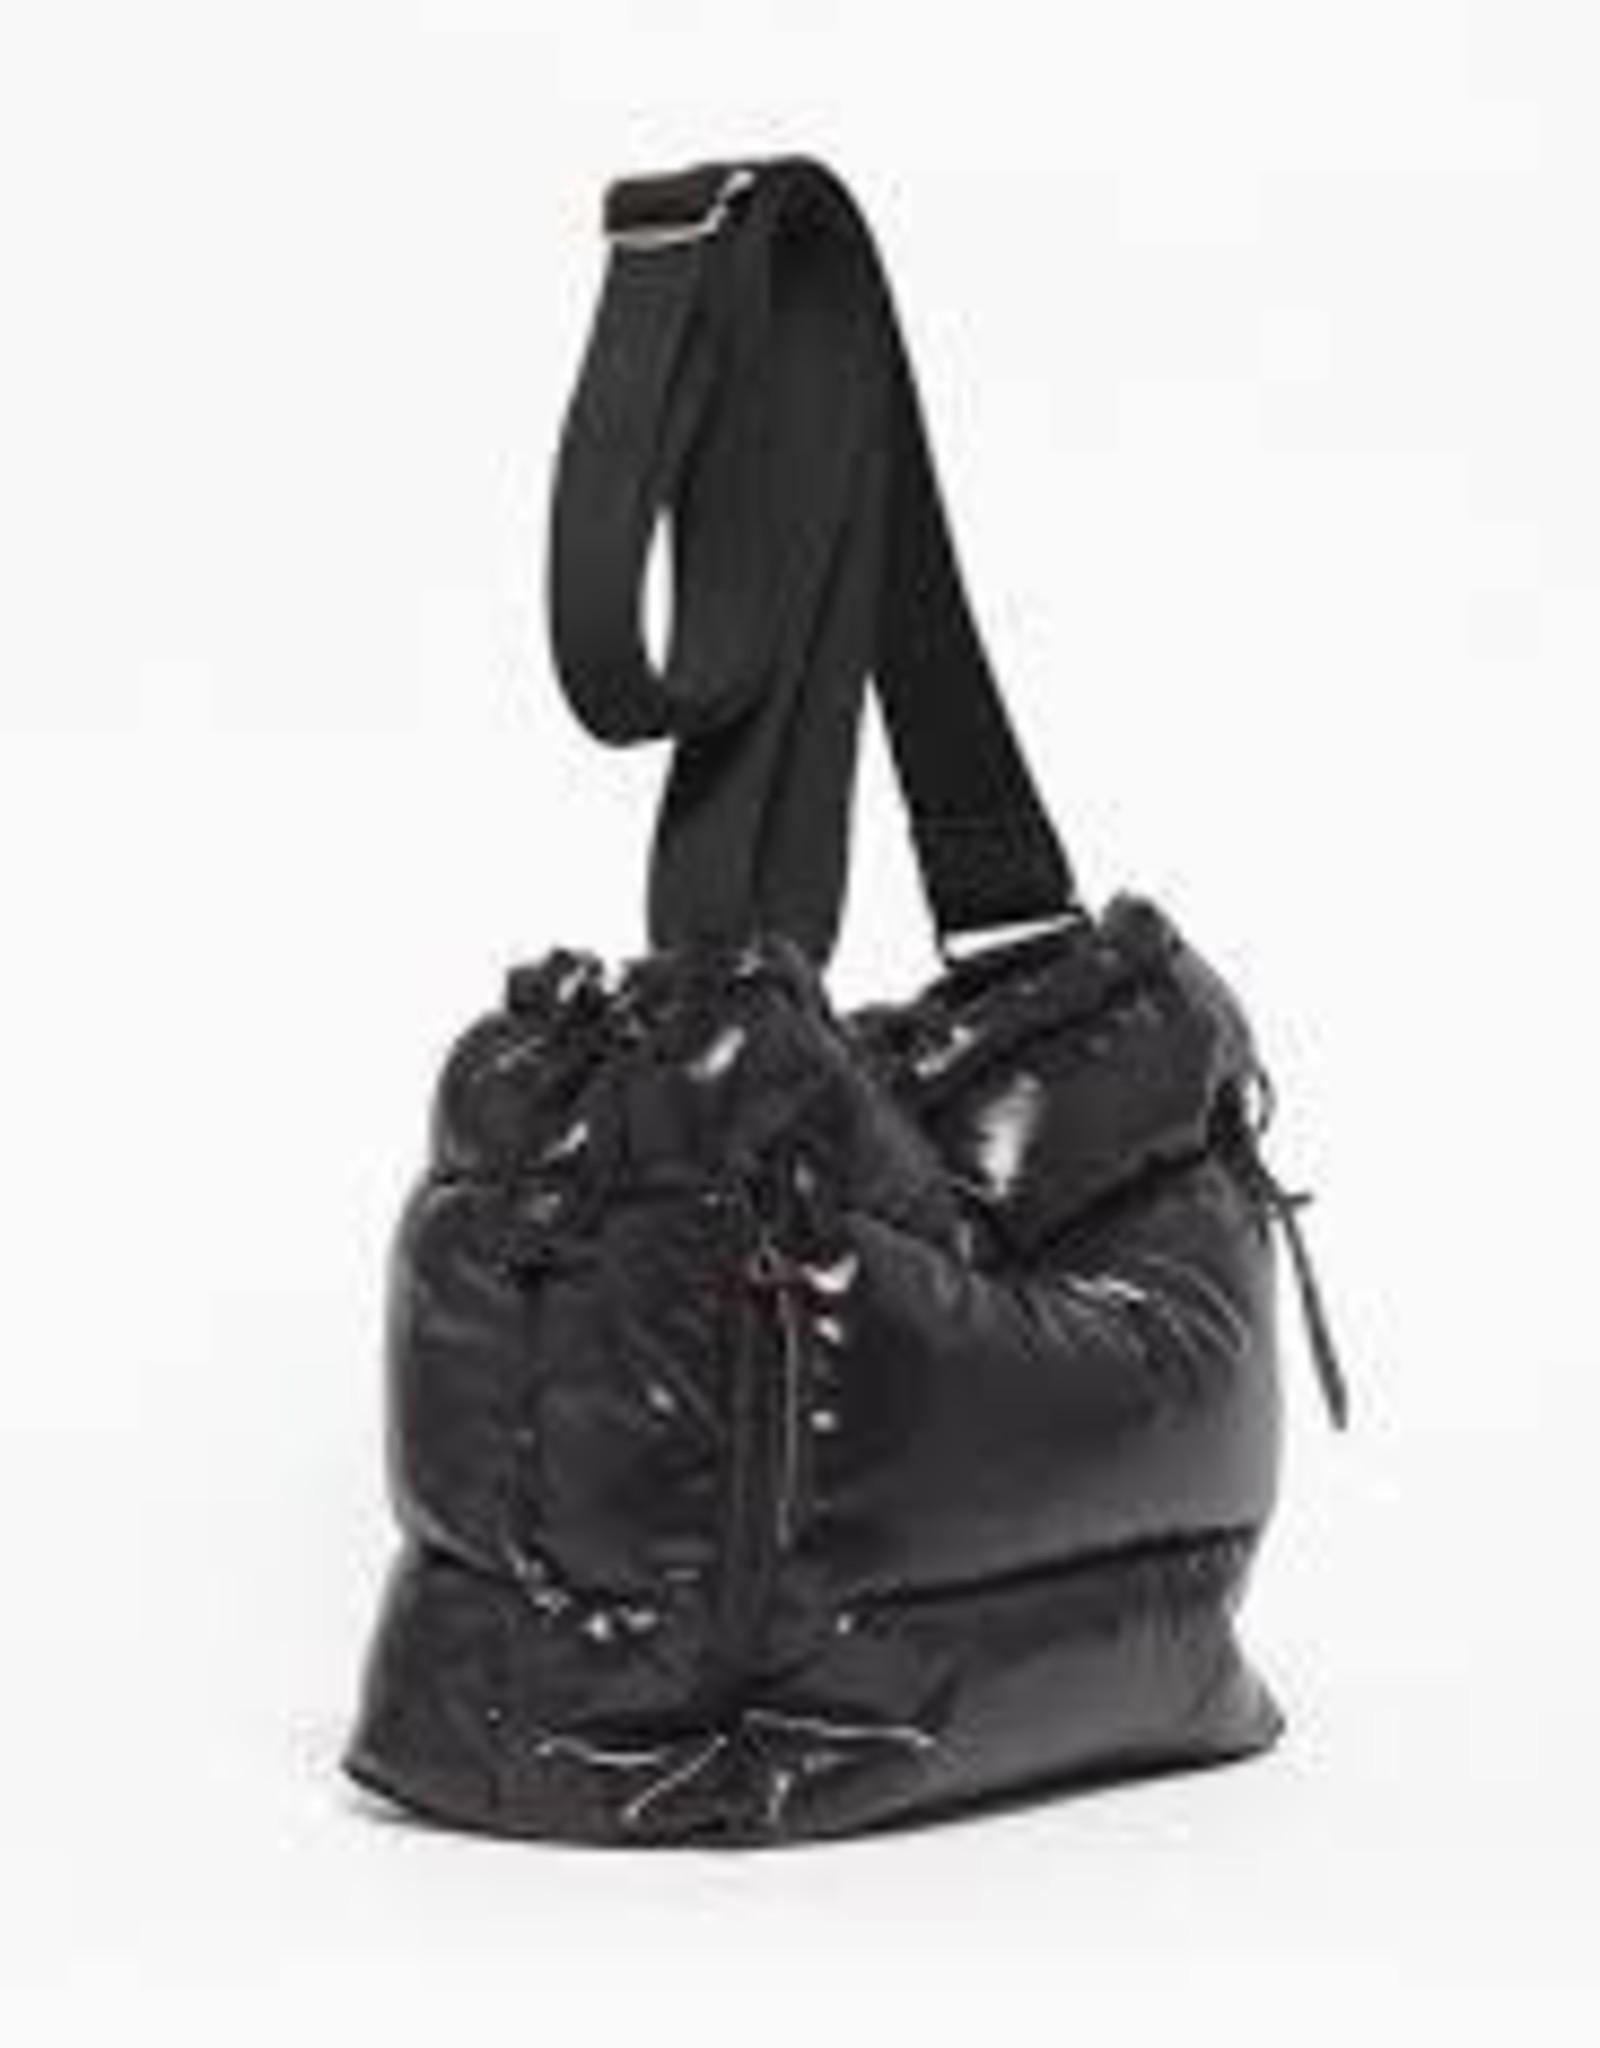 JACK GOMME - Meribel Puff Bag